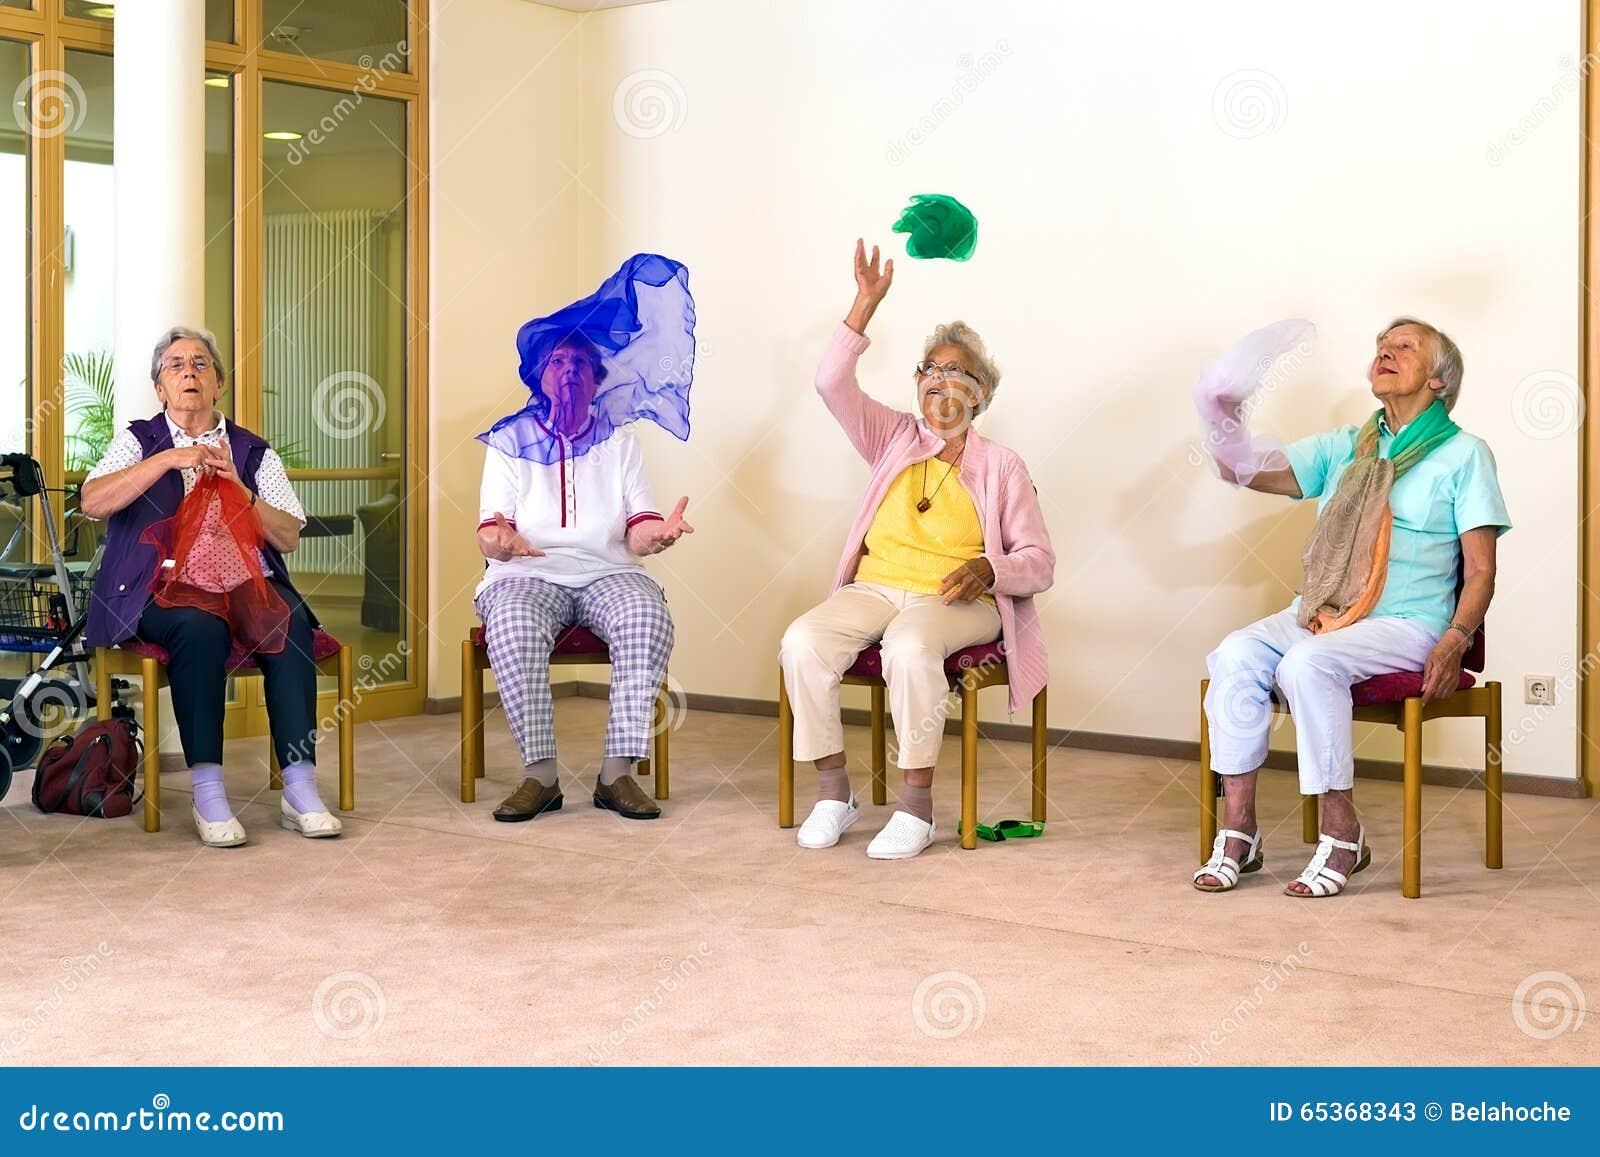 Senior Ladies Having Fun While Exercising  Stock Image - Image of